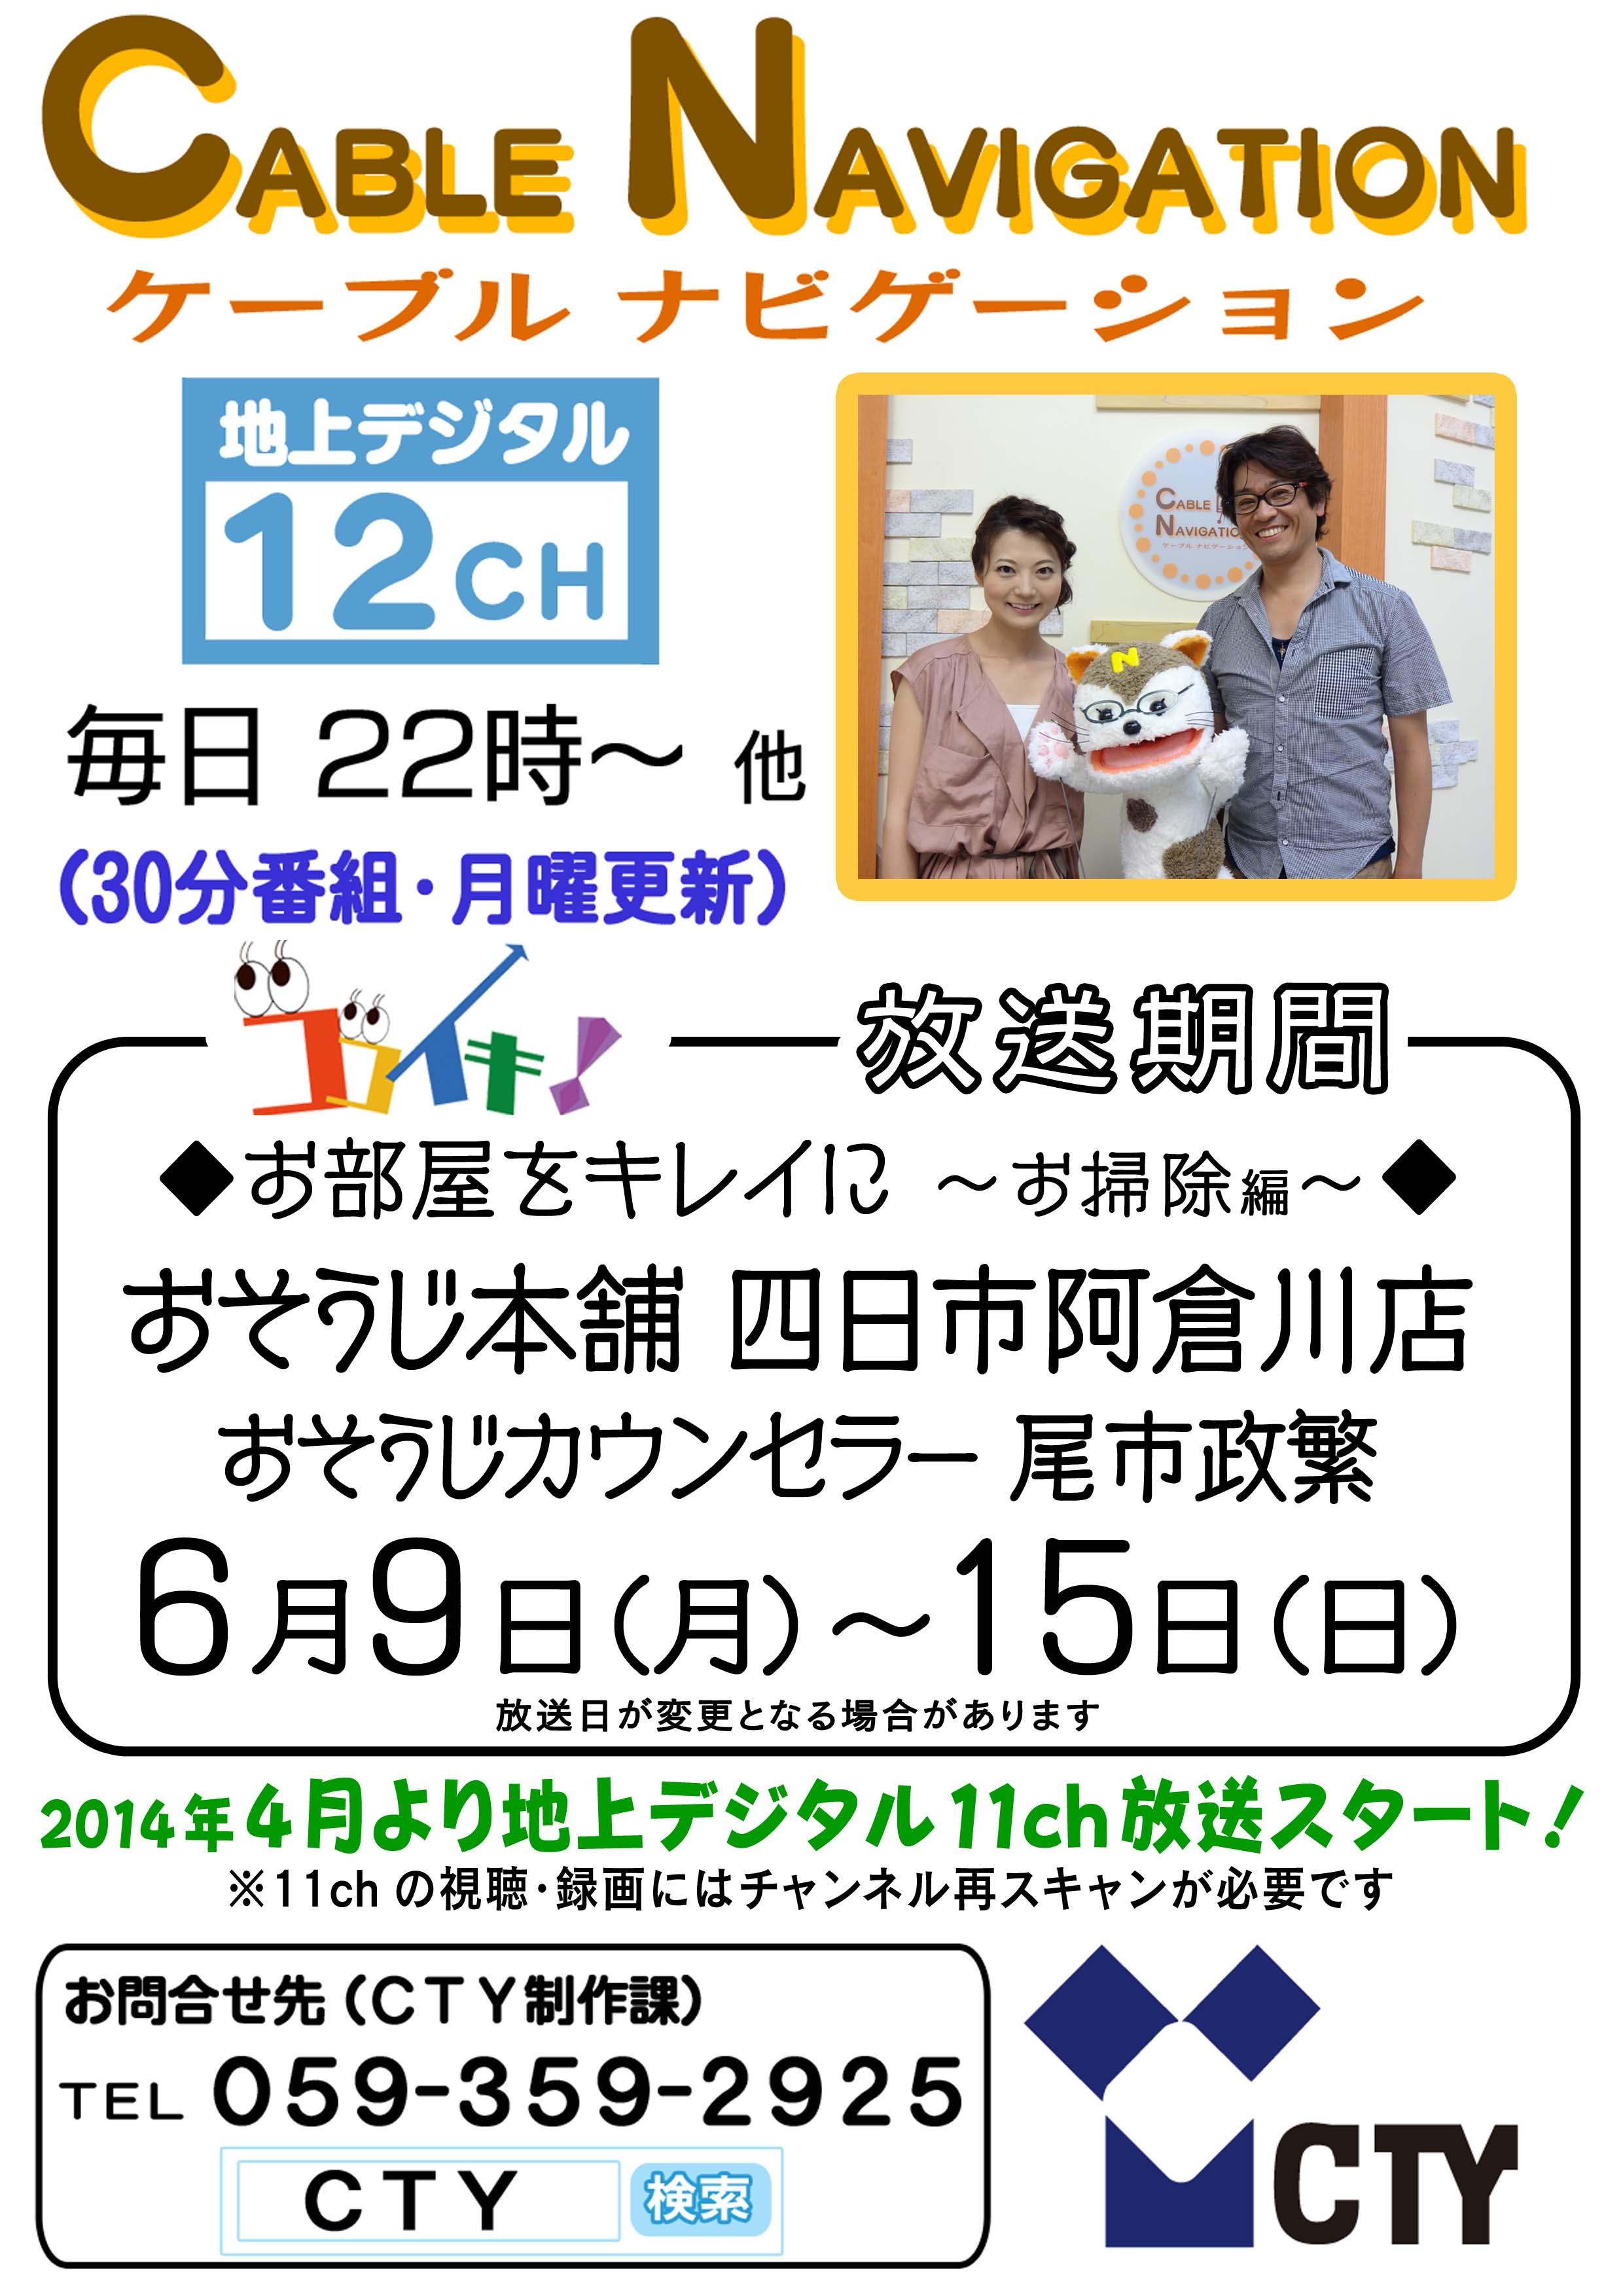 A4用ココイキ.jpg